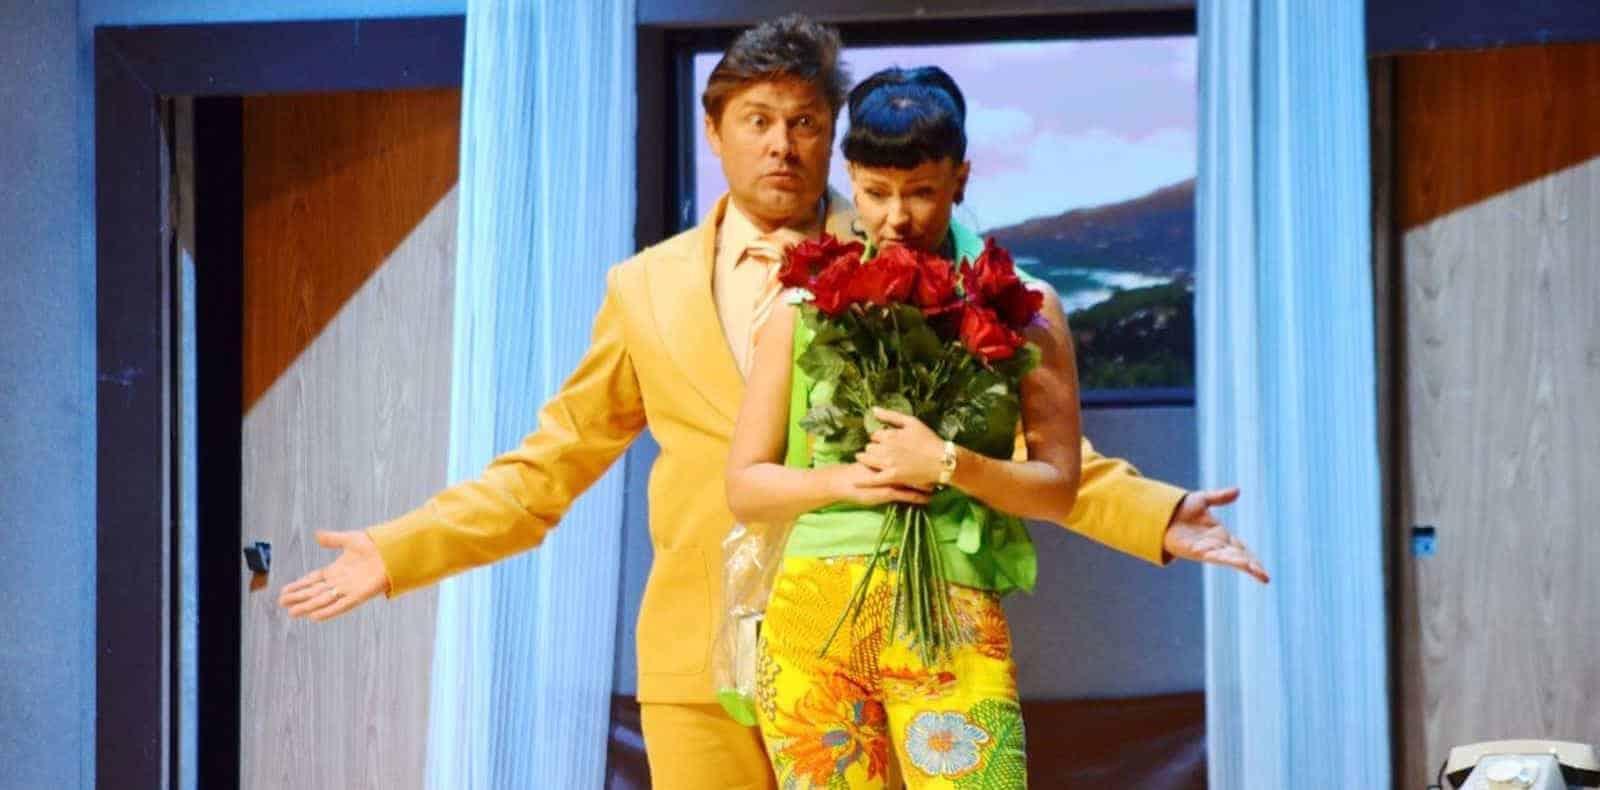 Спектакль «На высоких каблуках» в театре Русская песня и театриуме на серпуховке